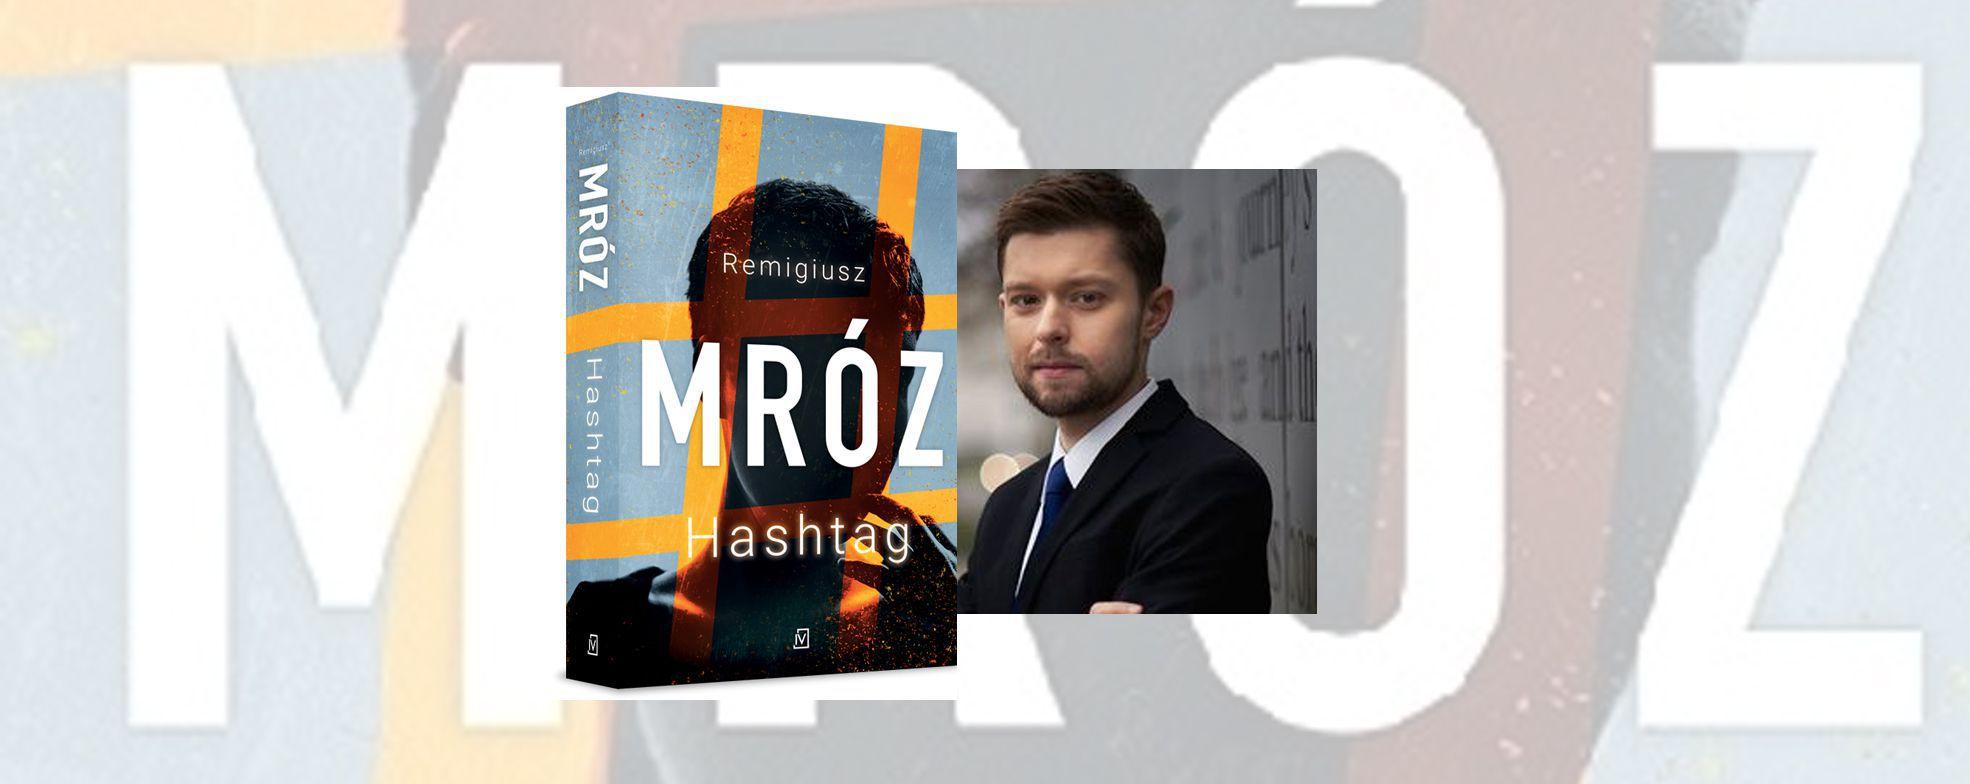 Hashtag - wywiad z Remigiuszem Mrozem